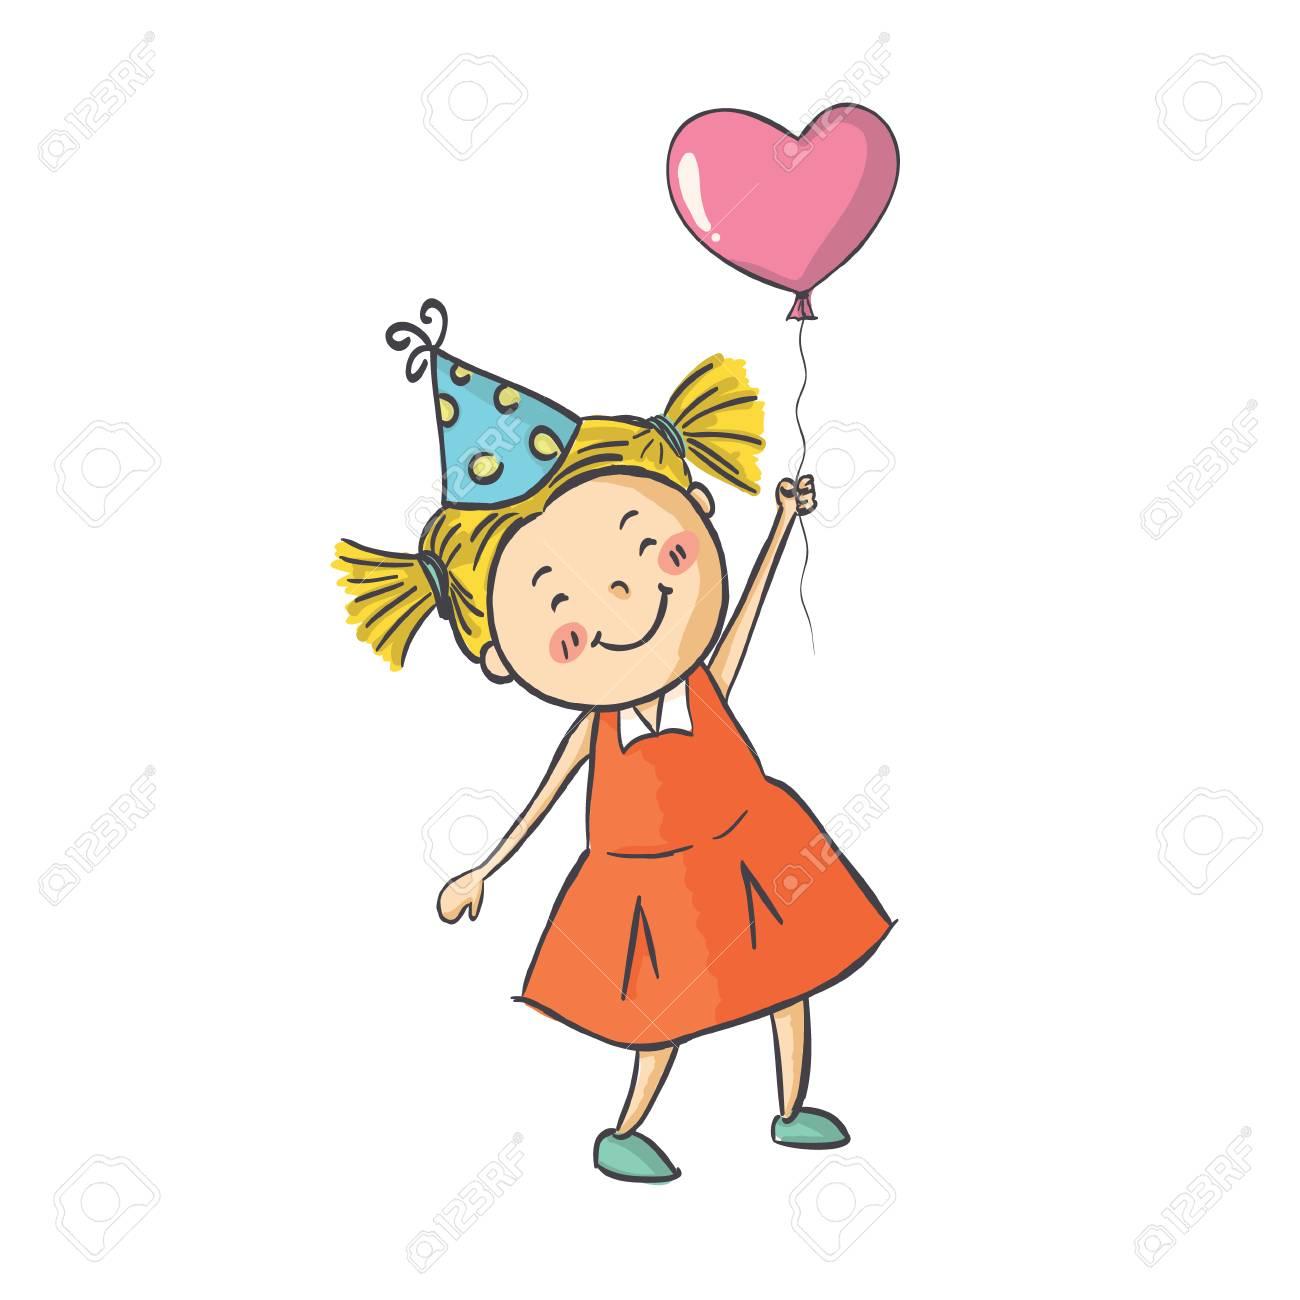 ベクトル イラスト笑顔のかわいい女の子ピンク バルーンの付いた背景の上に立って